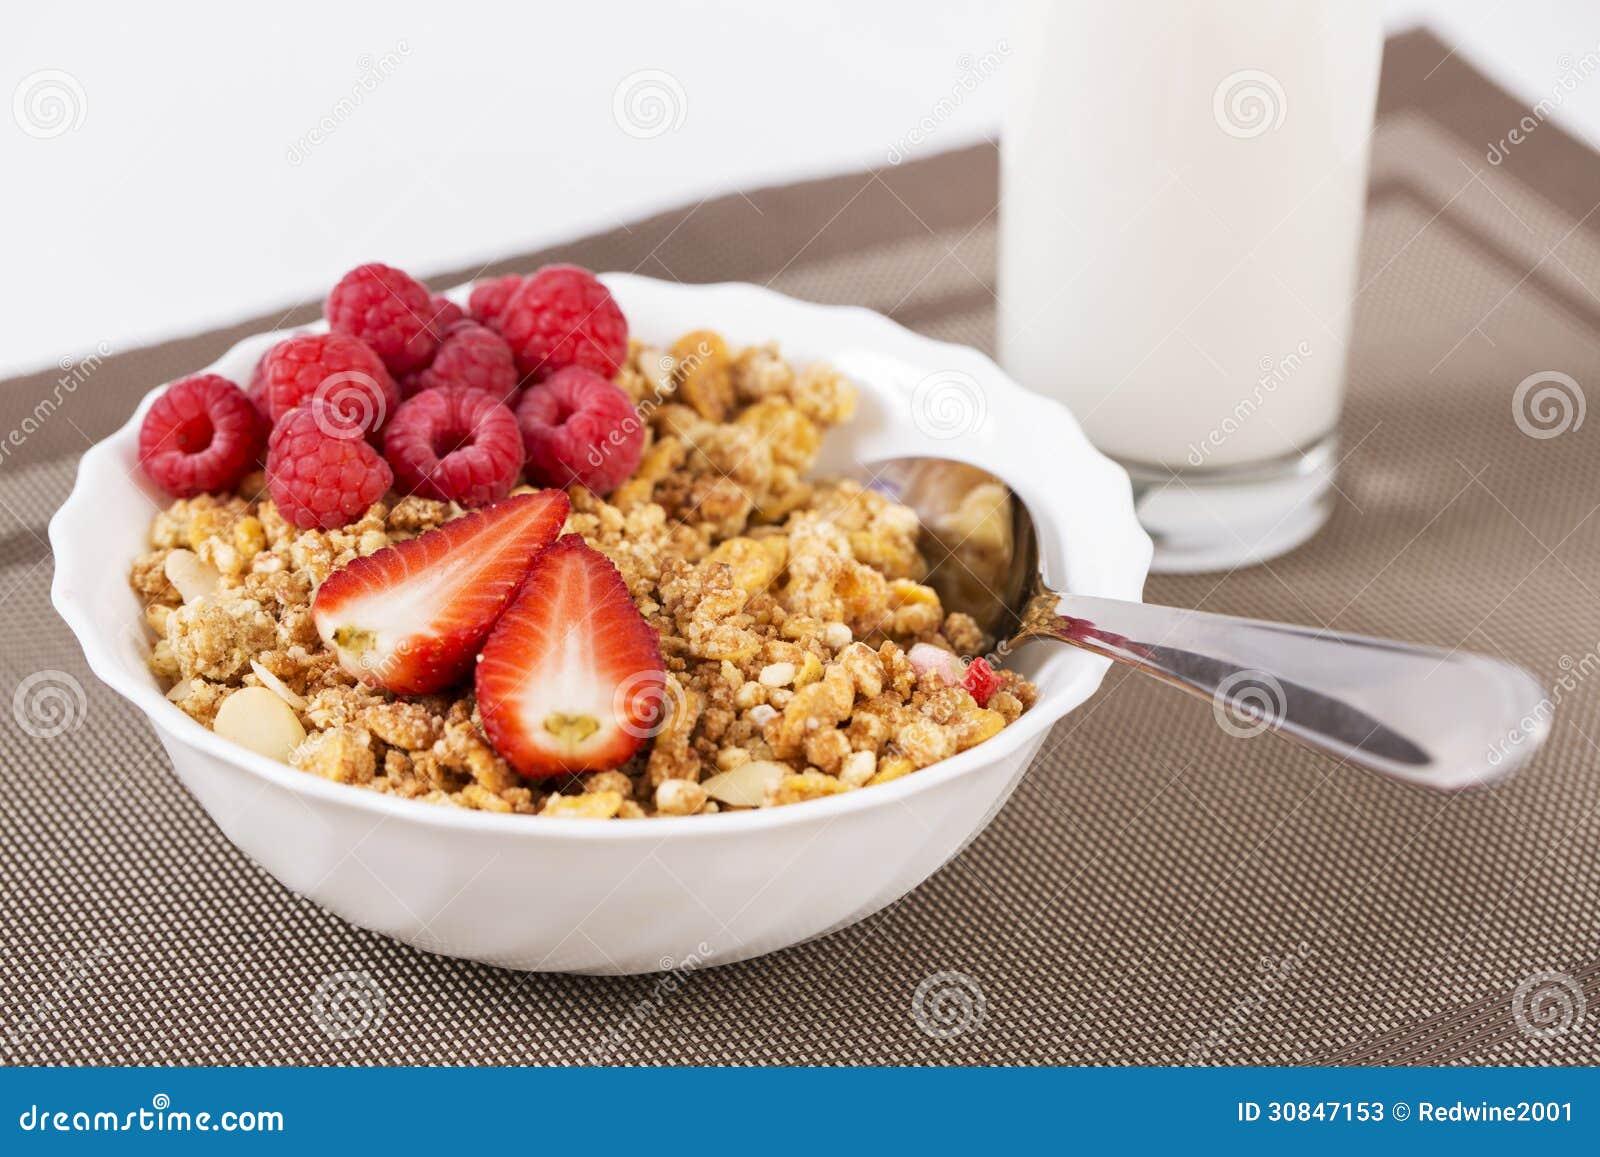 Halfs of berrie on cereals in bowl